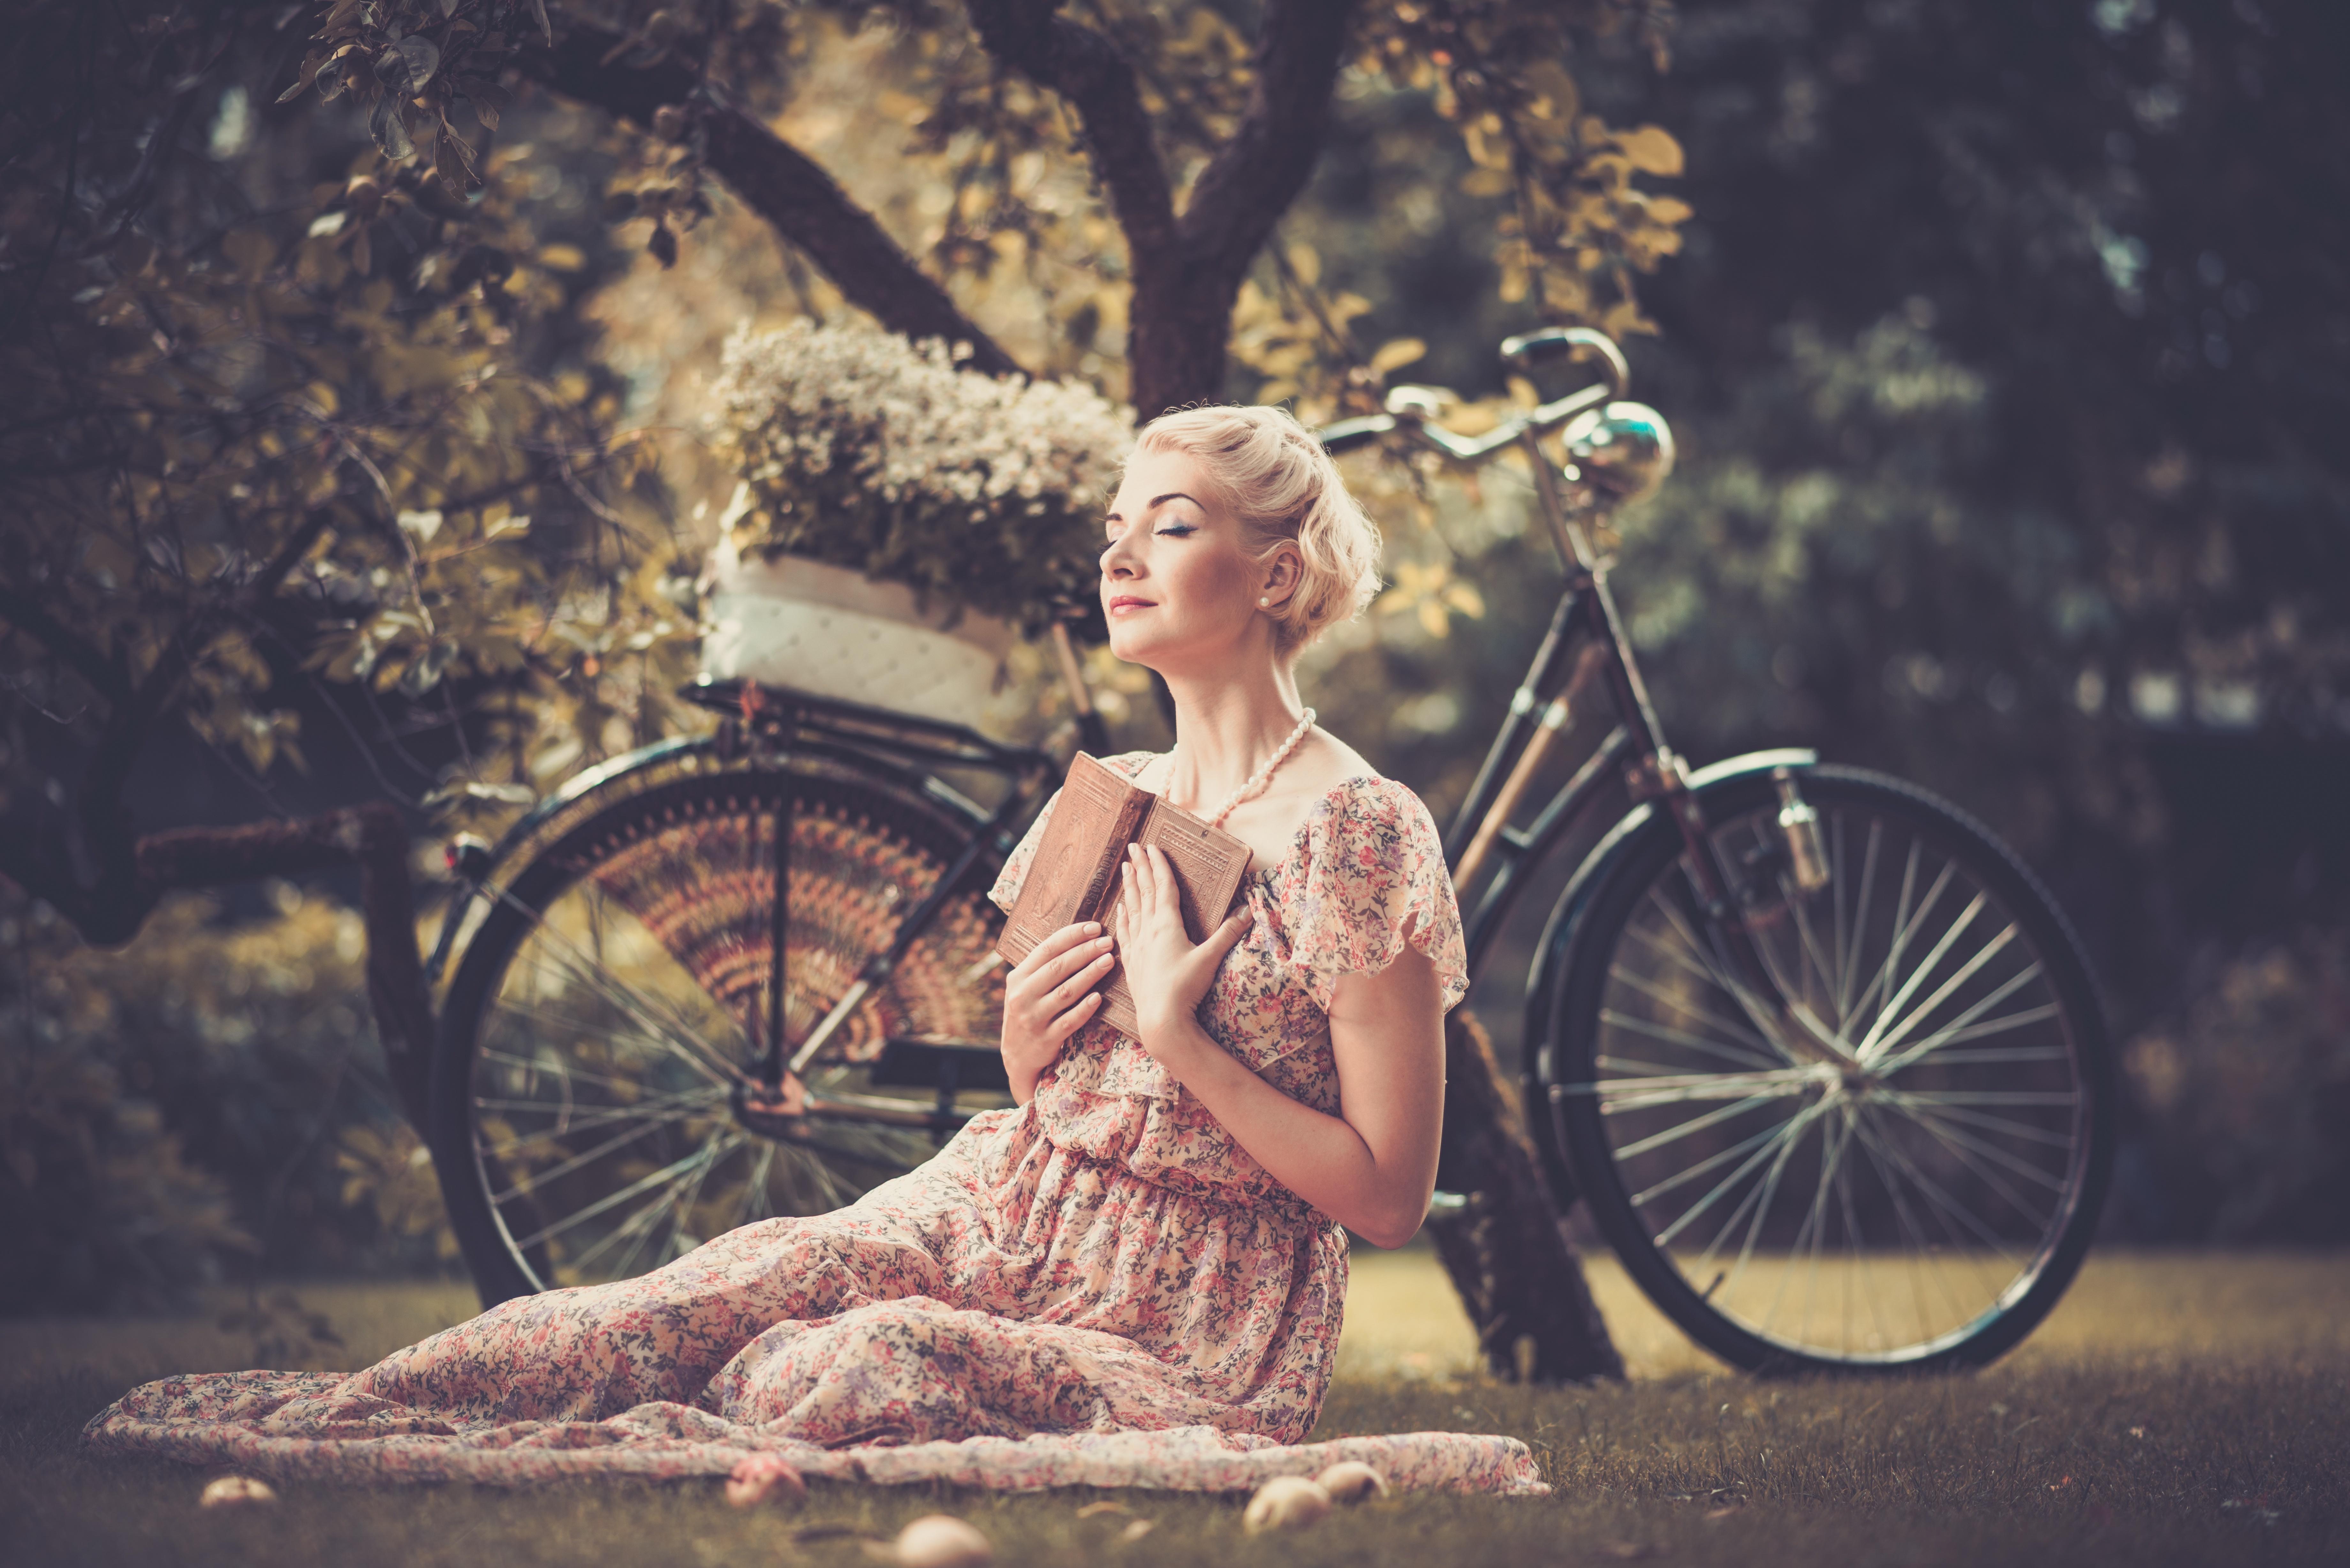 Как начать новую жизнь с чистого листа: 10 способов, чтобы начать жить заново